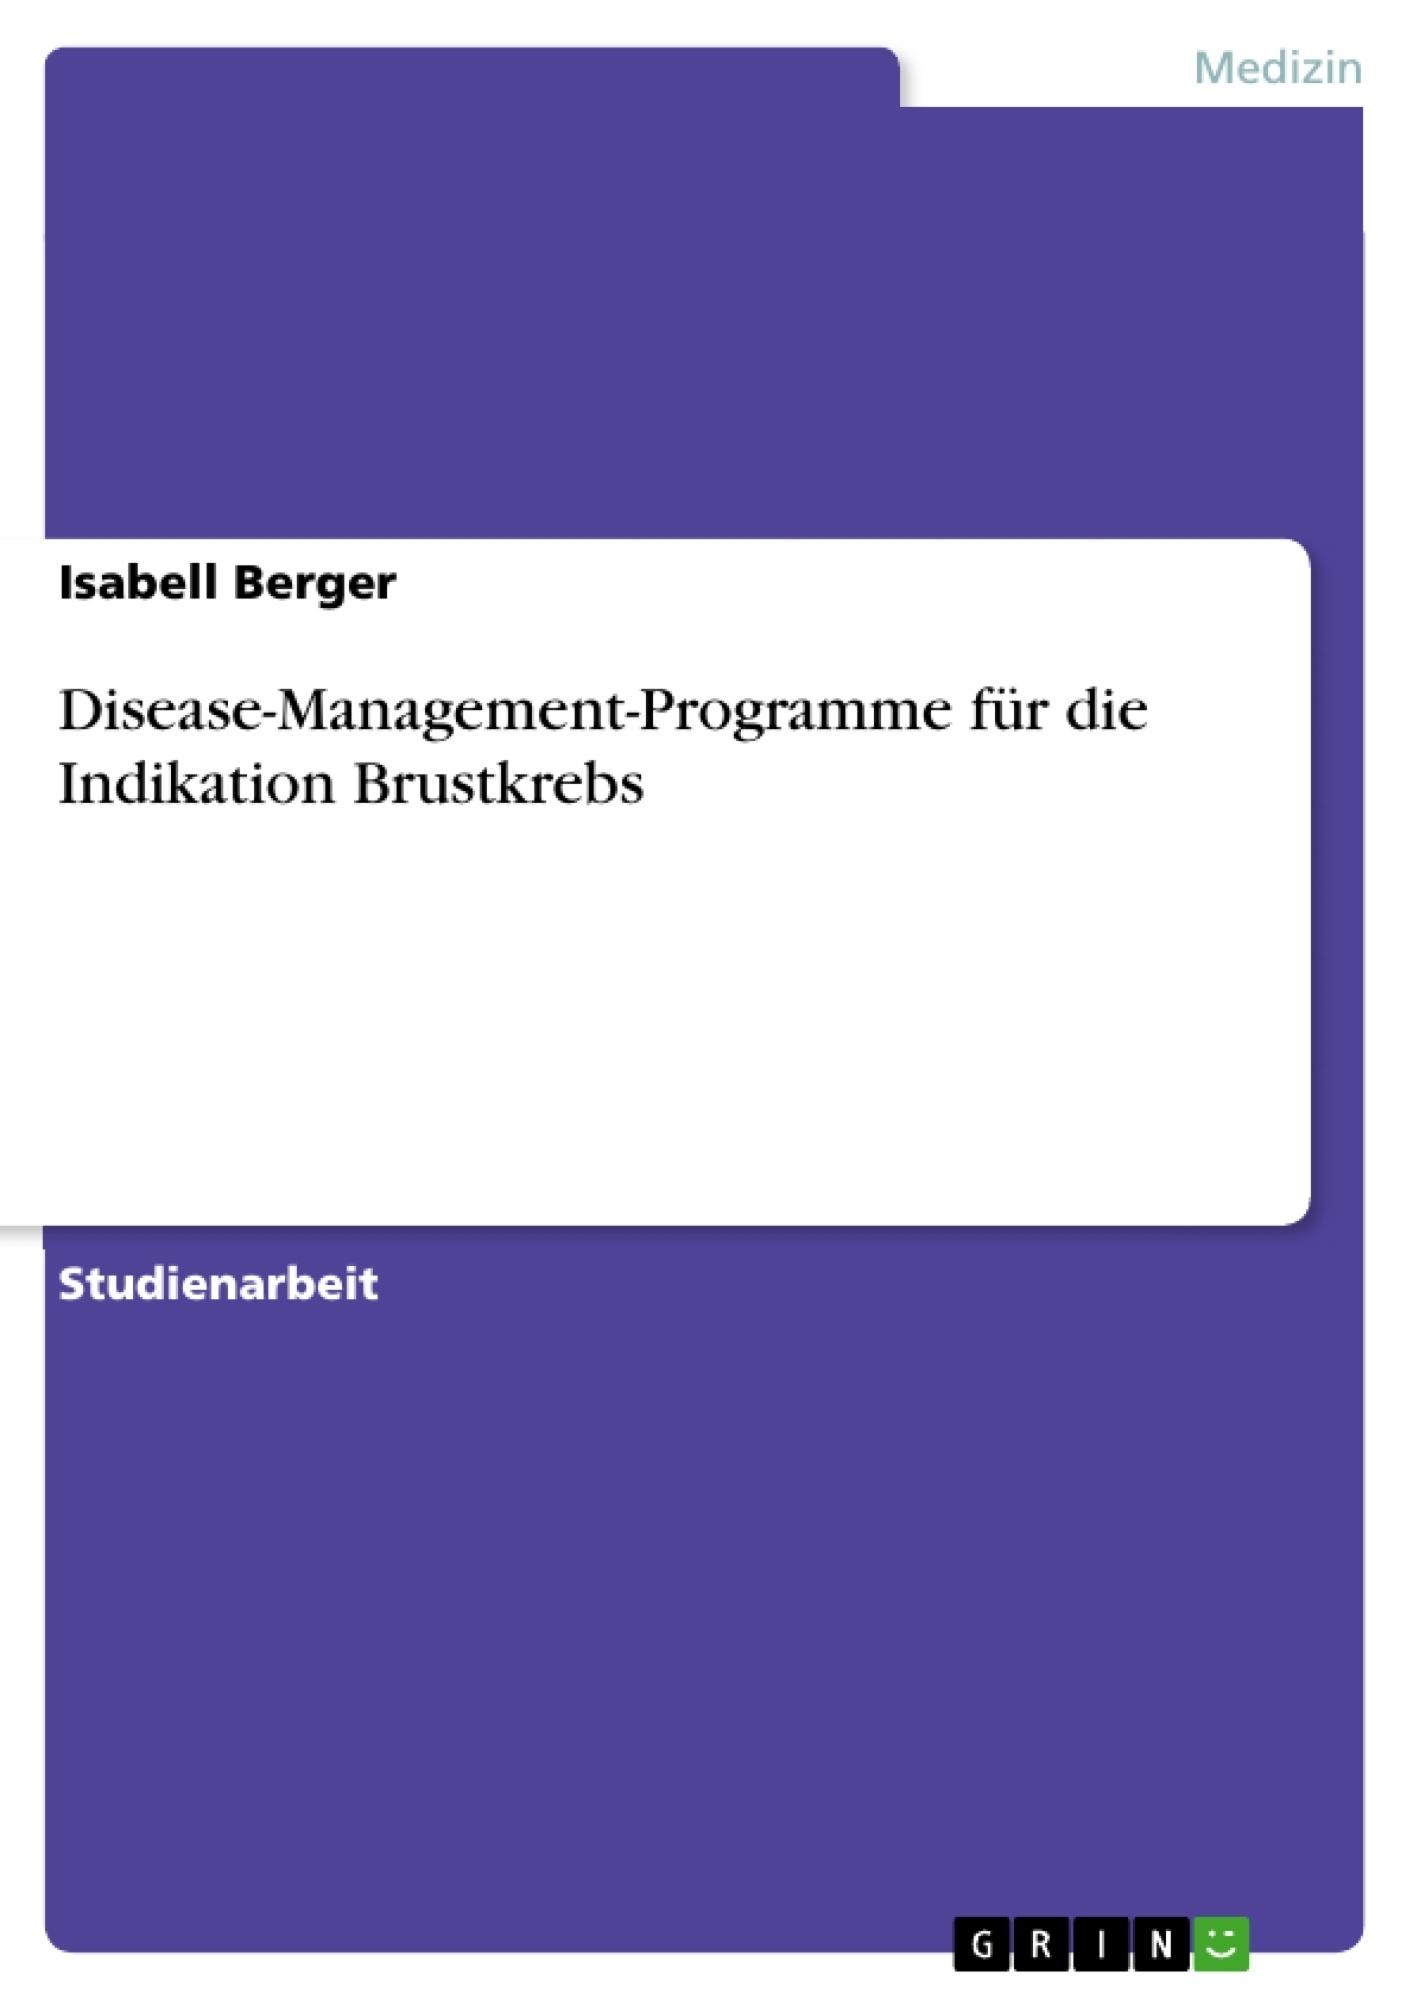 Titel: Disease-Management-Programme für die Indikation Brustkrebs